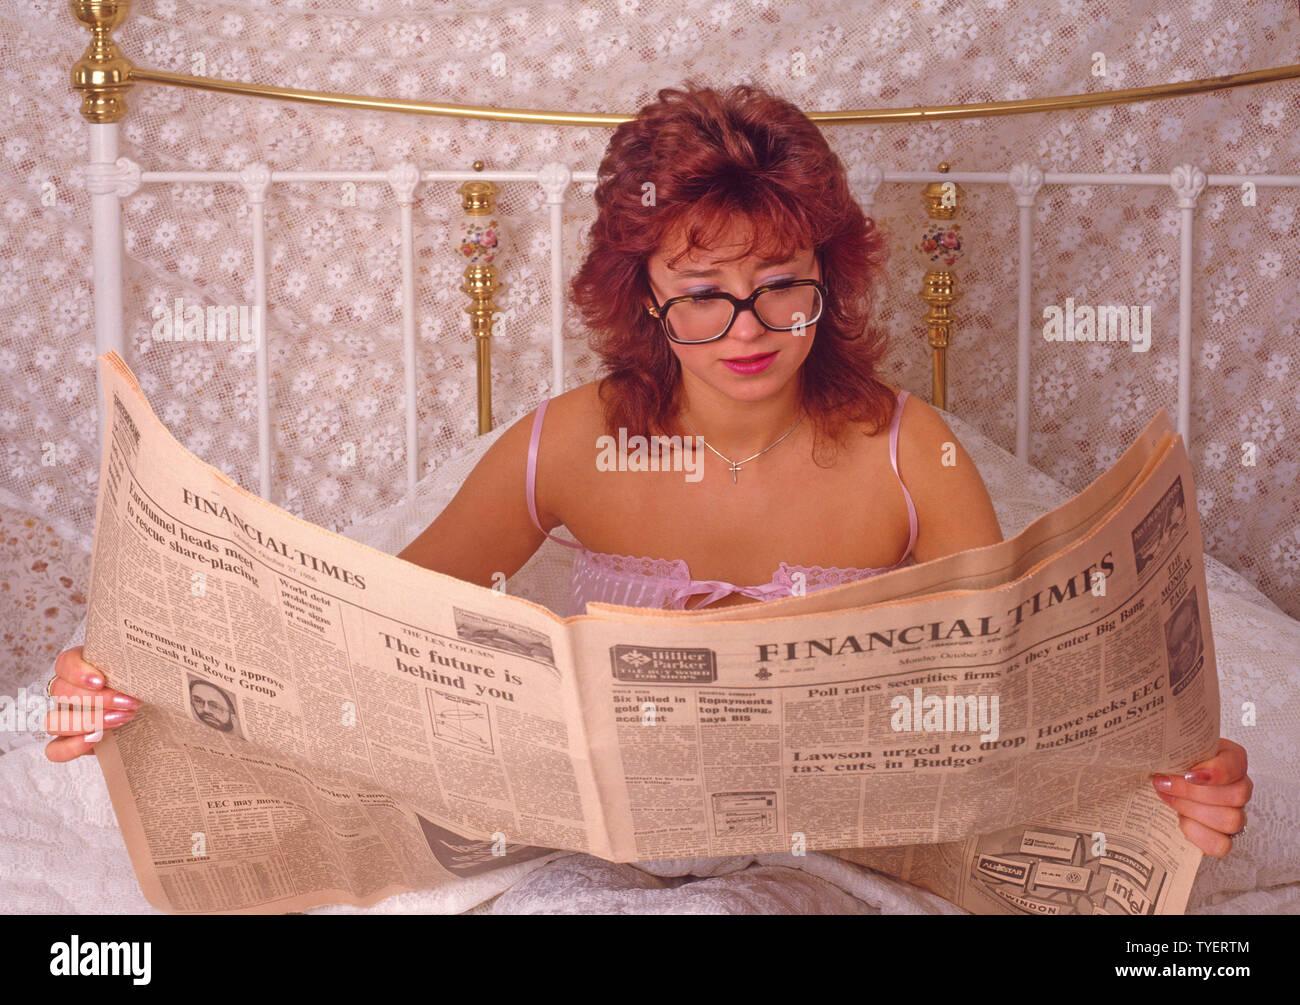 Young Business Frau Brille wieder zum Bett und liest 27. Oktober Ausgabe 1986 der Financial Times, bevor er für Arbeit Archiv 1980 s Stockbild